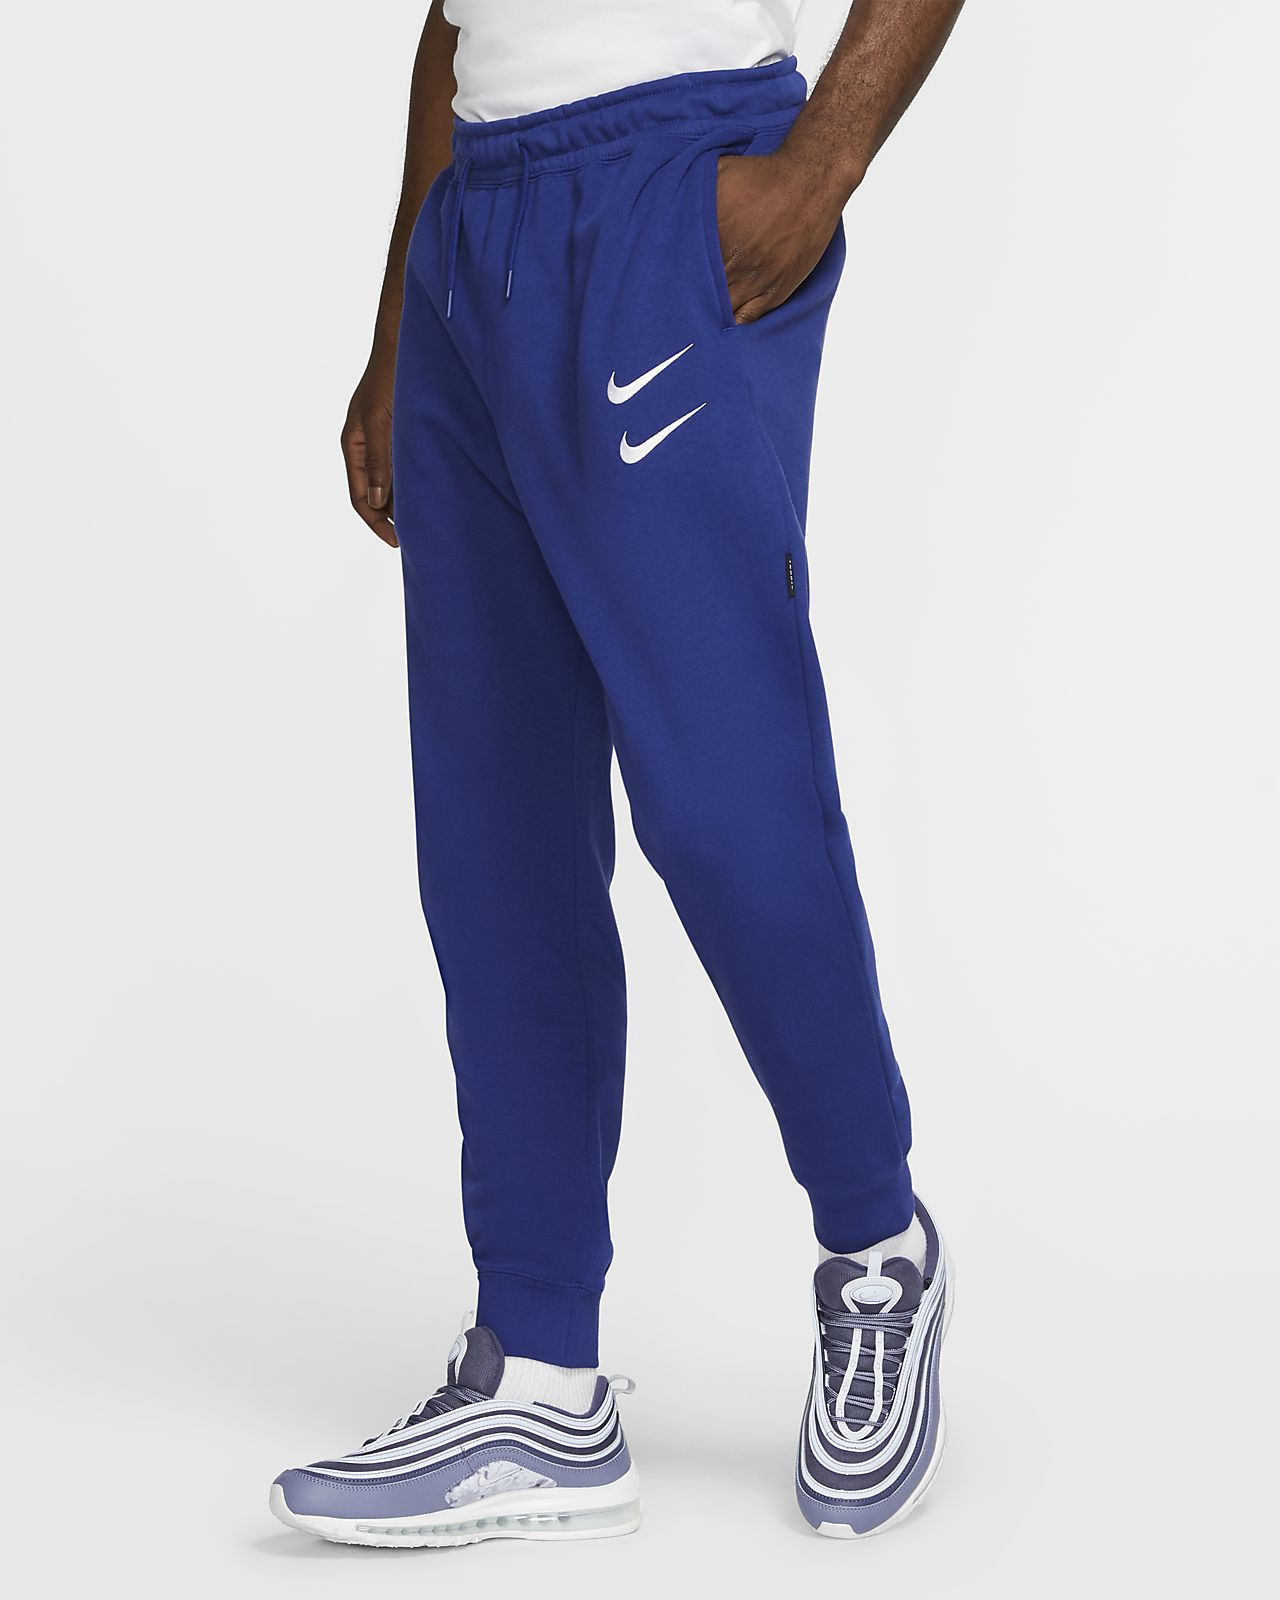 Nike Sportswear Swoosh bukse til herre